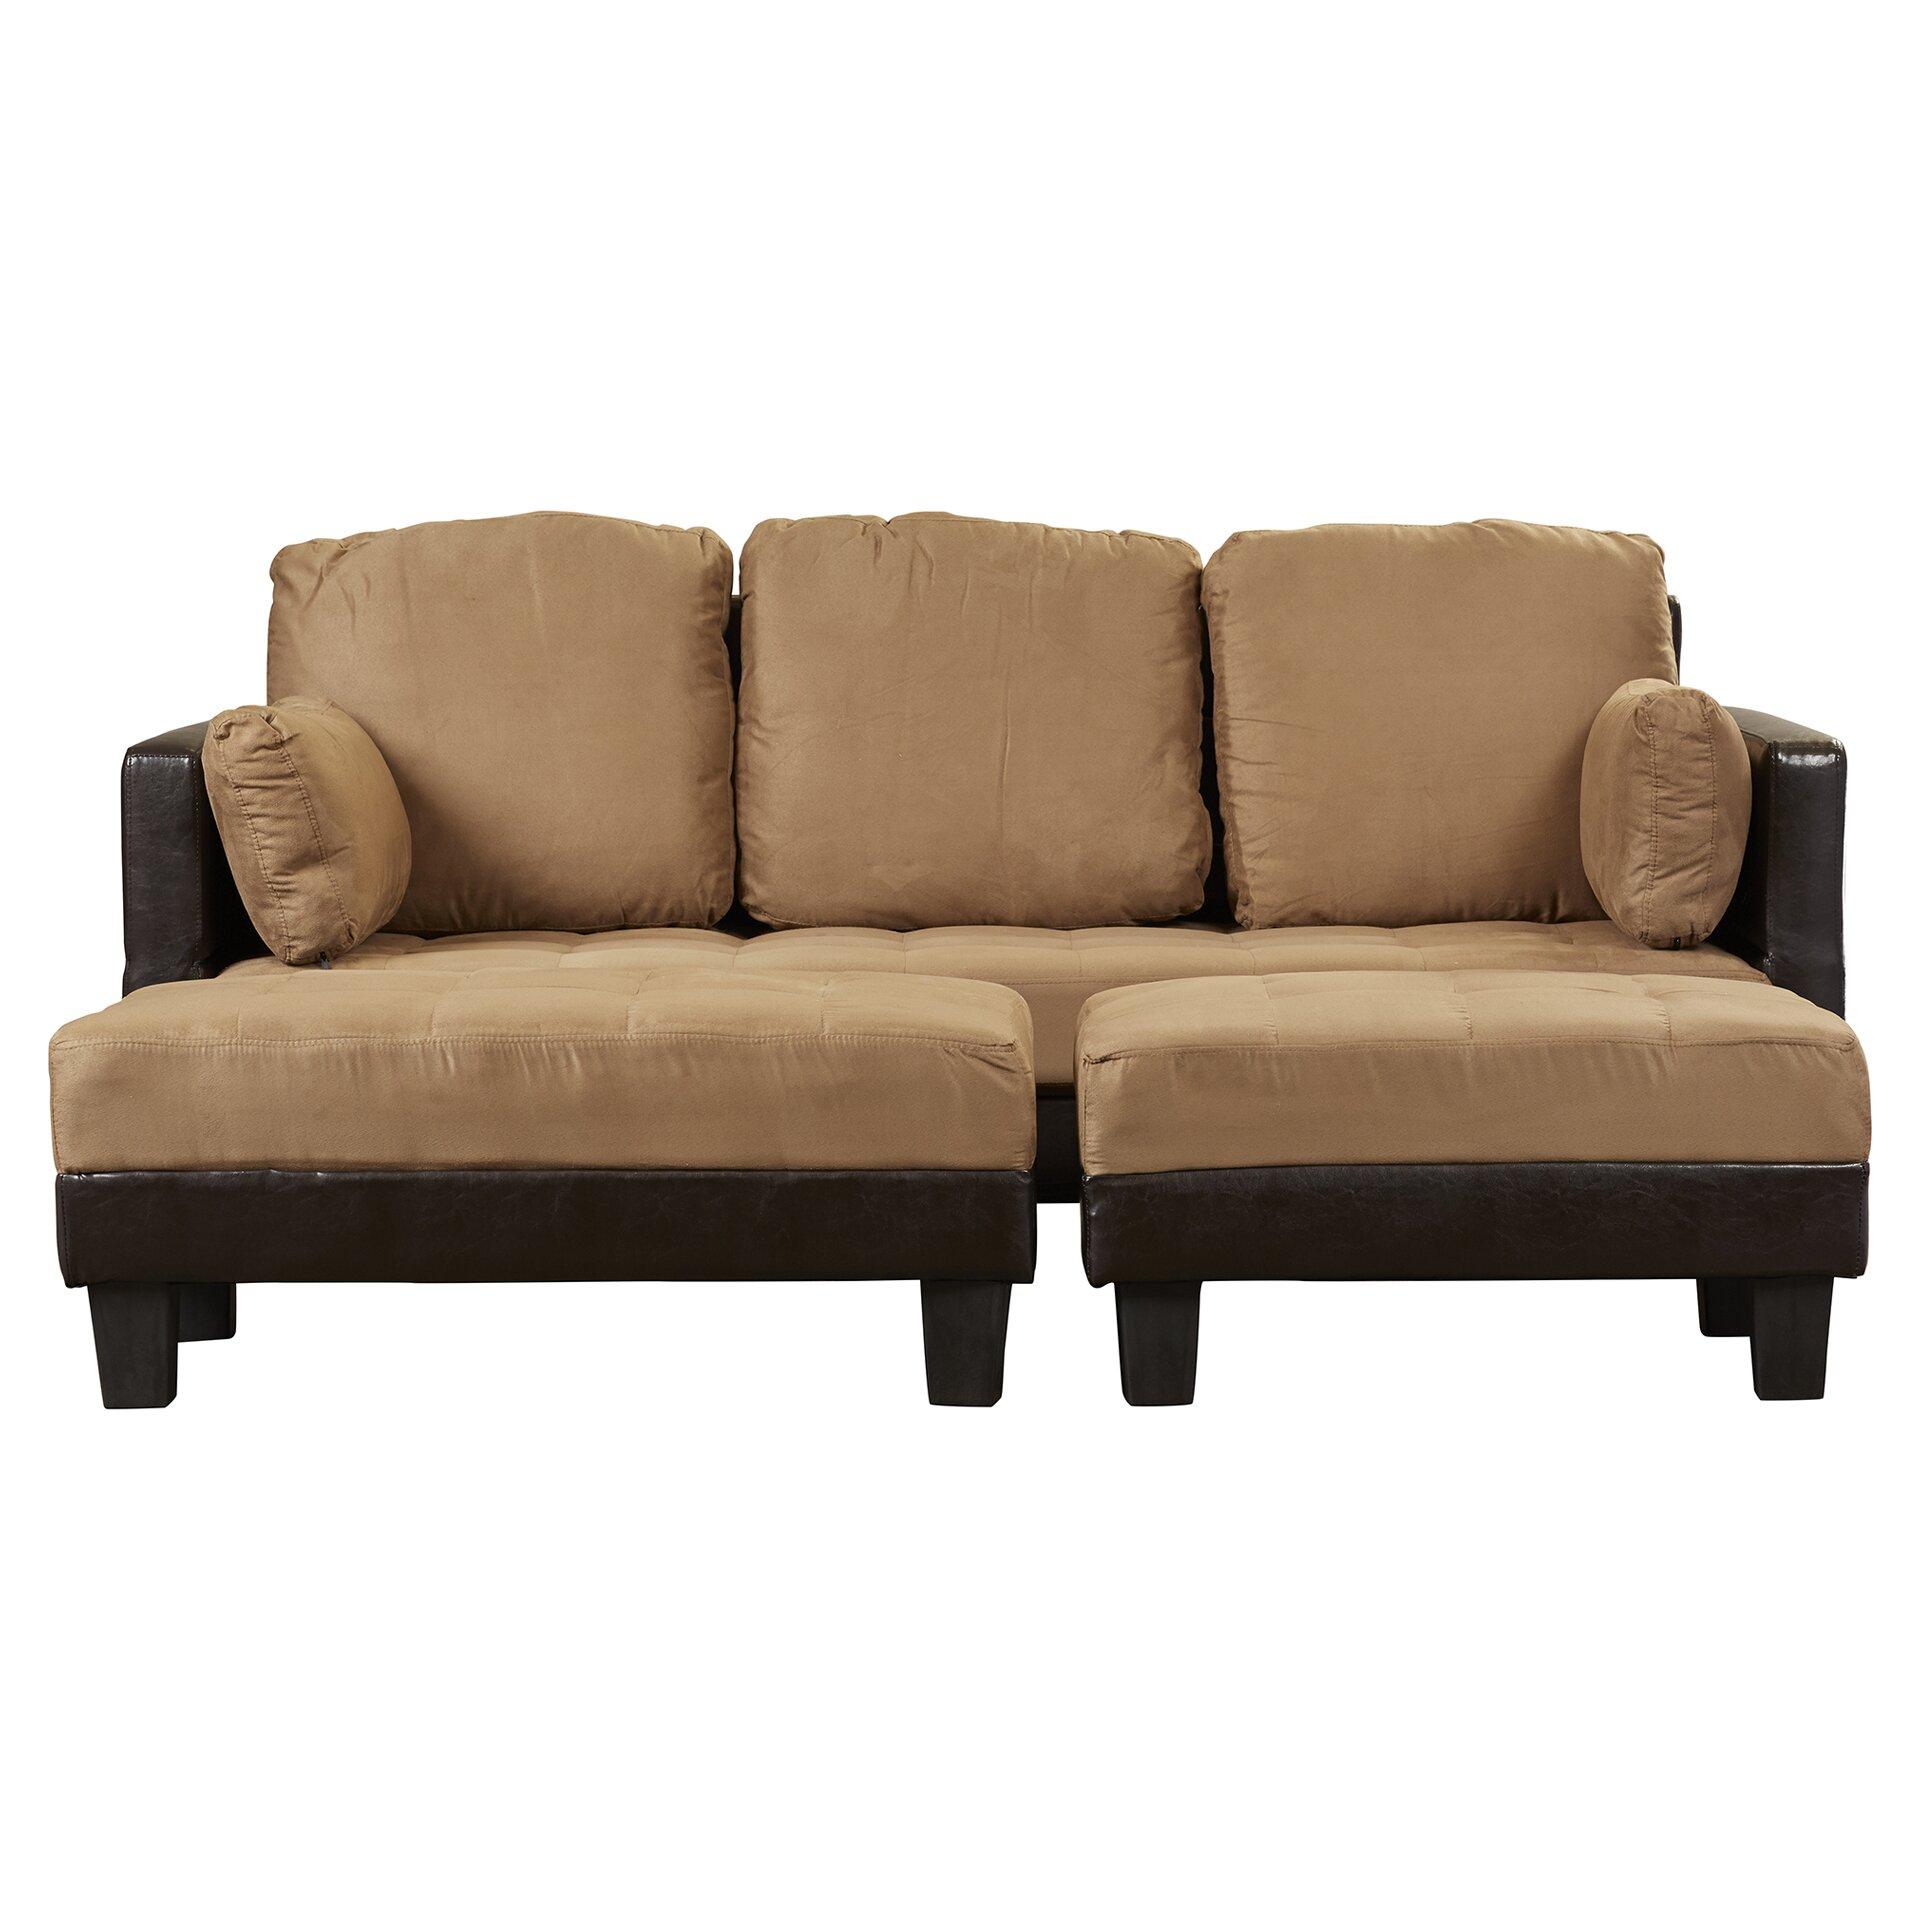 Andover mills woodbridge modular sectional reviews wayfair for Wayfair sectional sofa